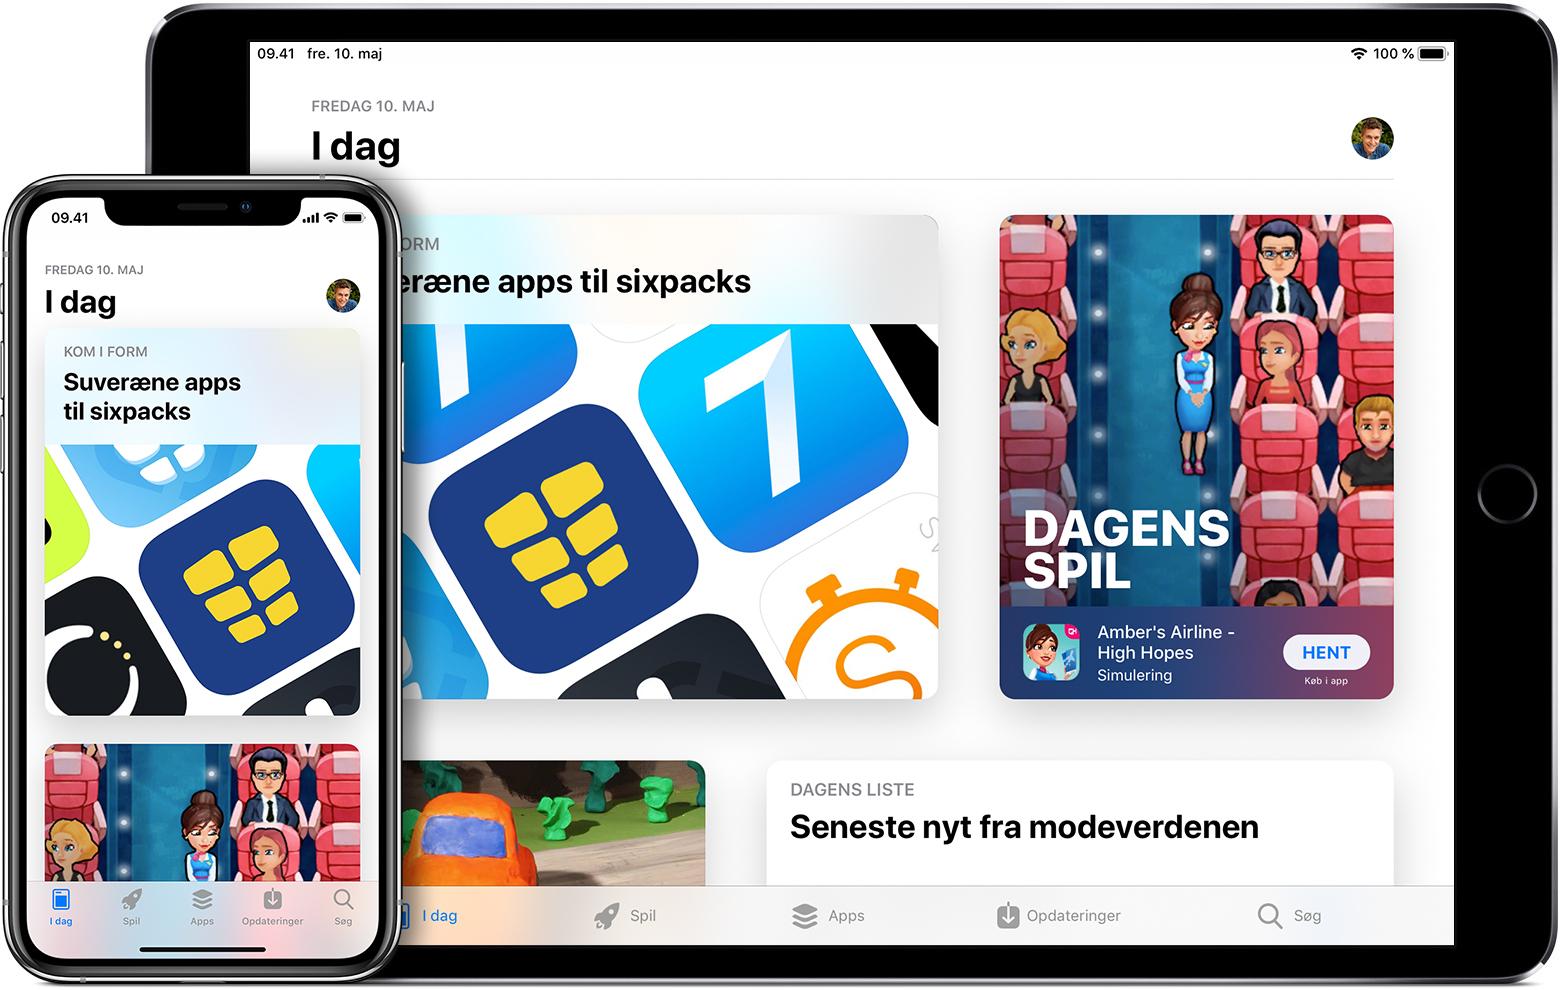 Download af apps og spil via App Store - Apple-support